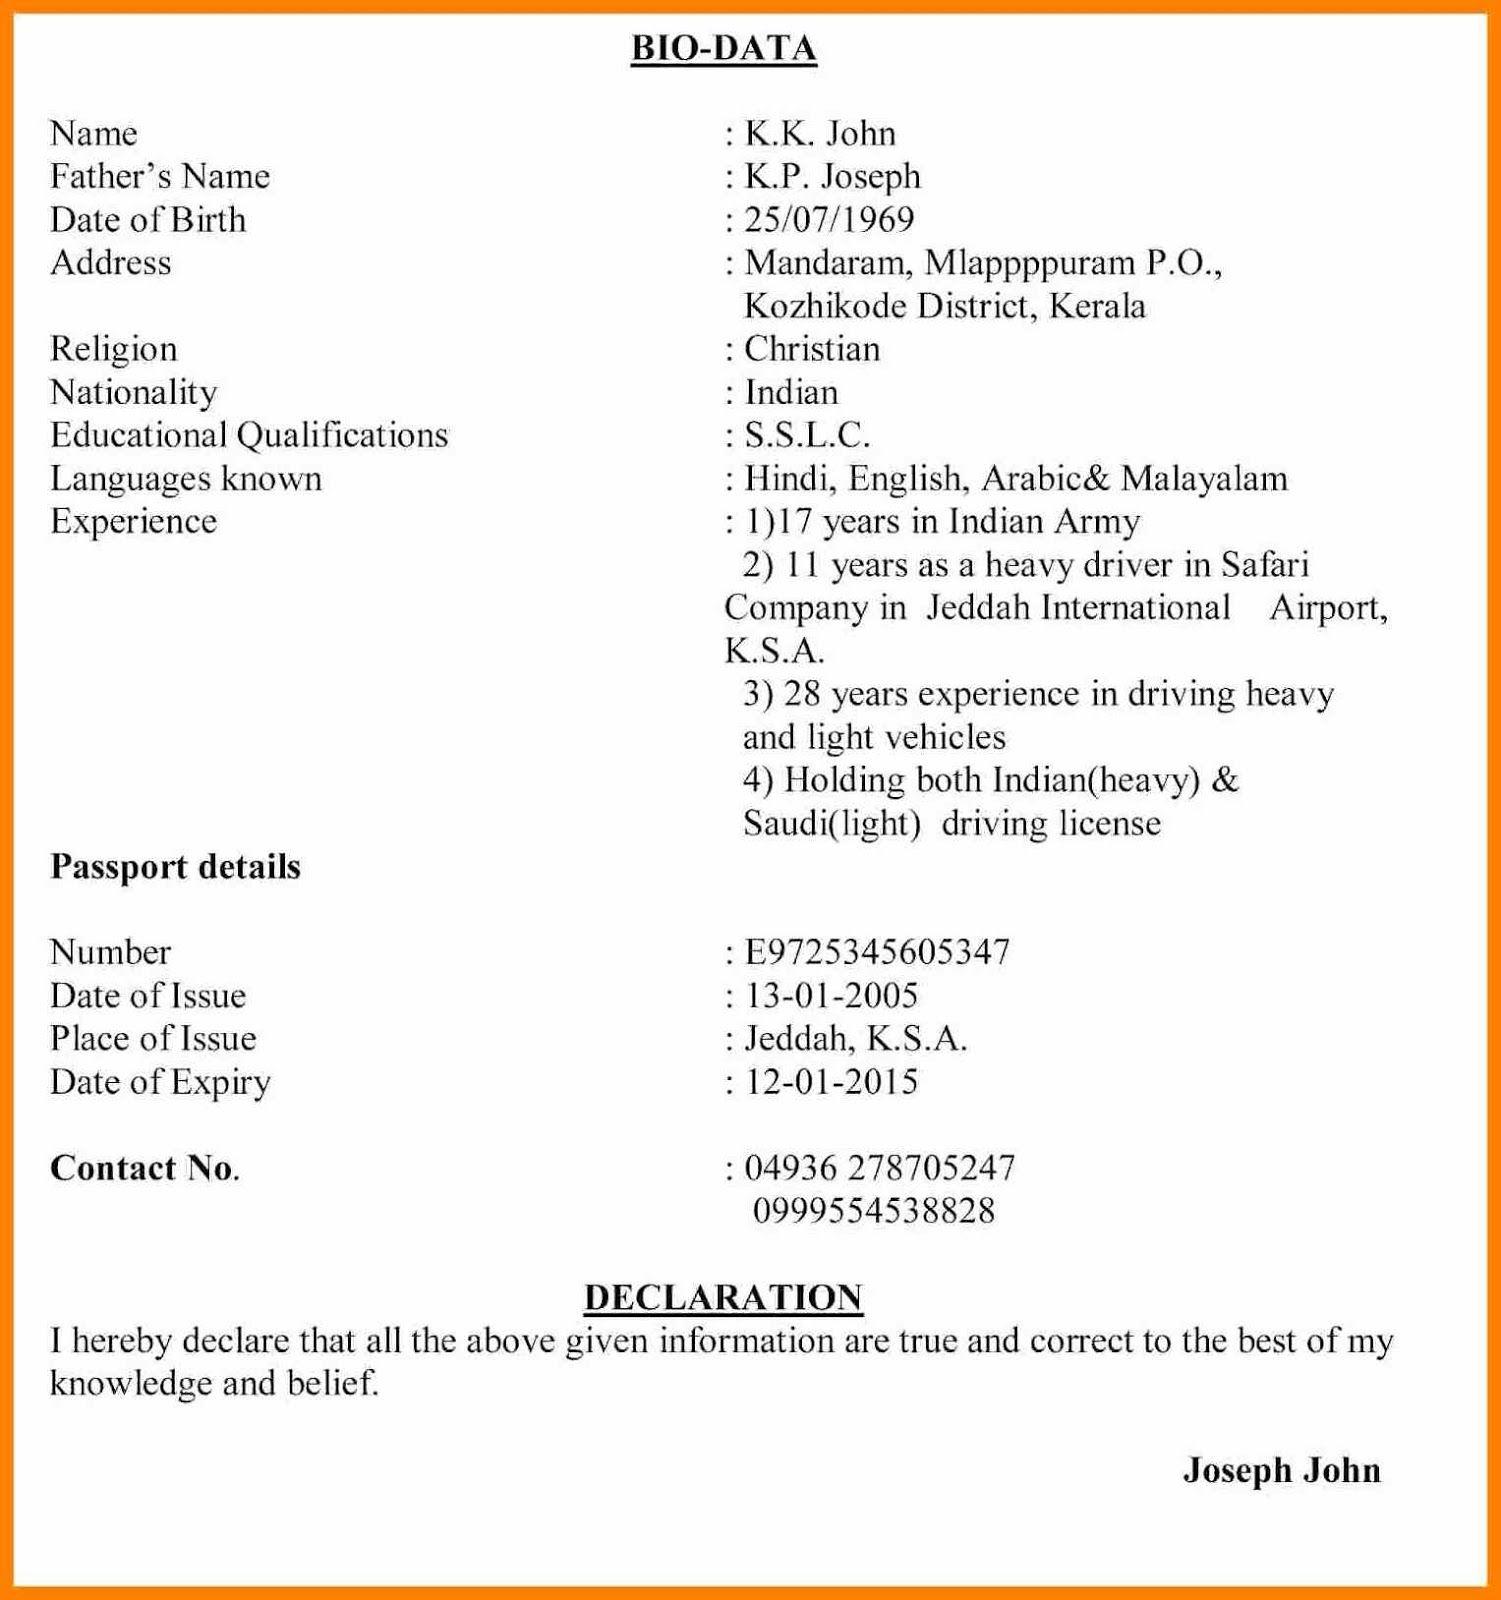 Muslim Marriage Cv Muslim Marriage Cv Format For Male 2019 Muslim Marriage Cv Template 2020 Muslim Mar Bio Data For Marriage Bio Data Biodata Format Download